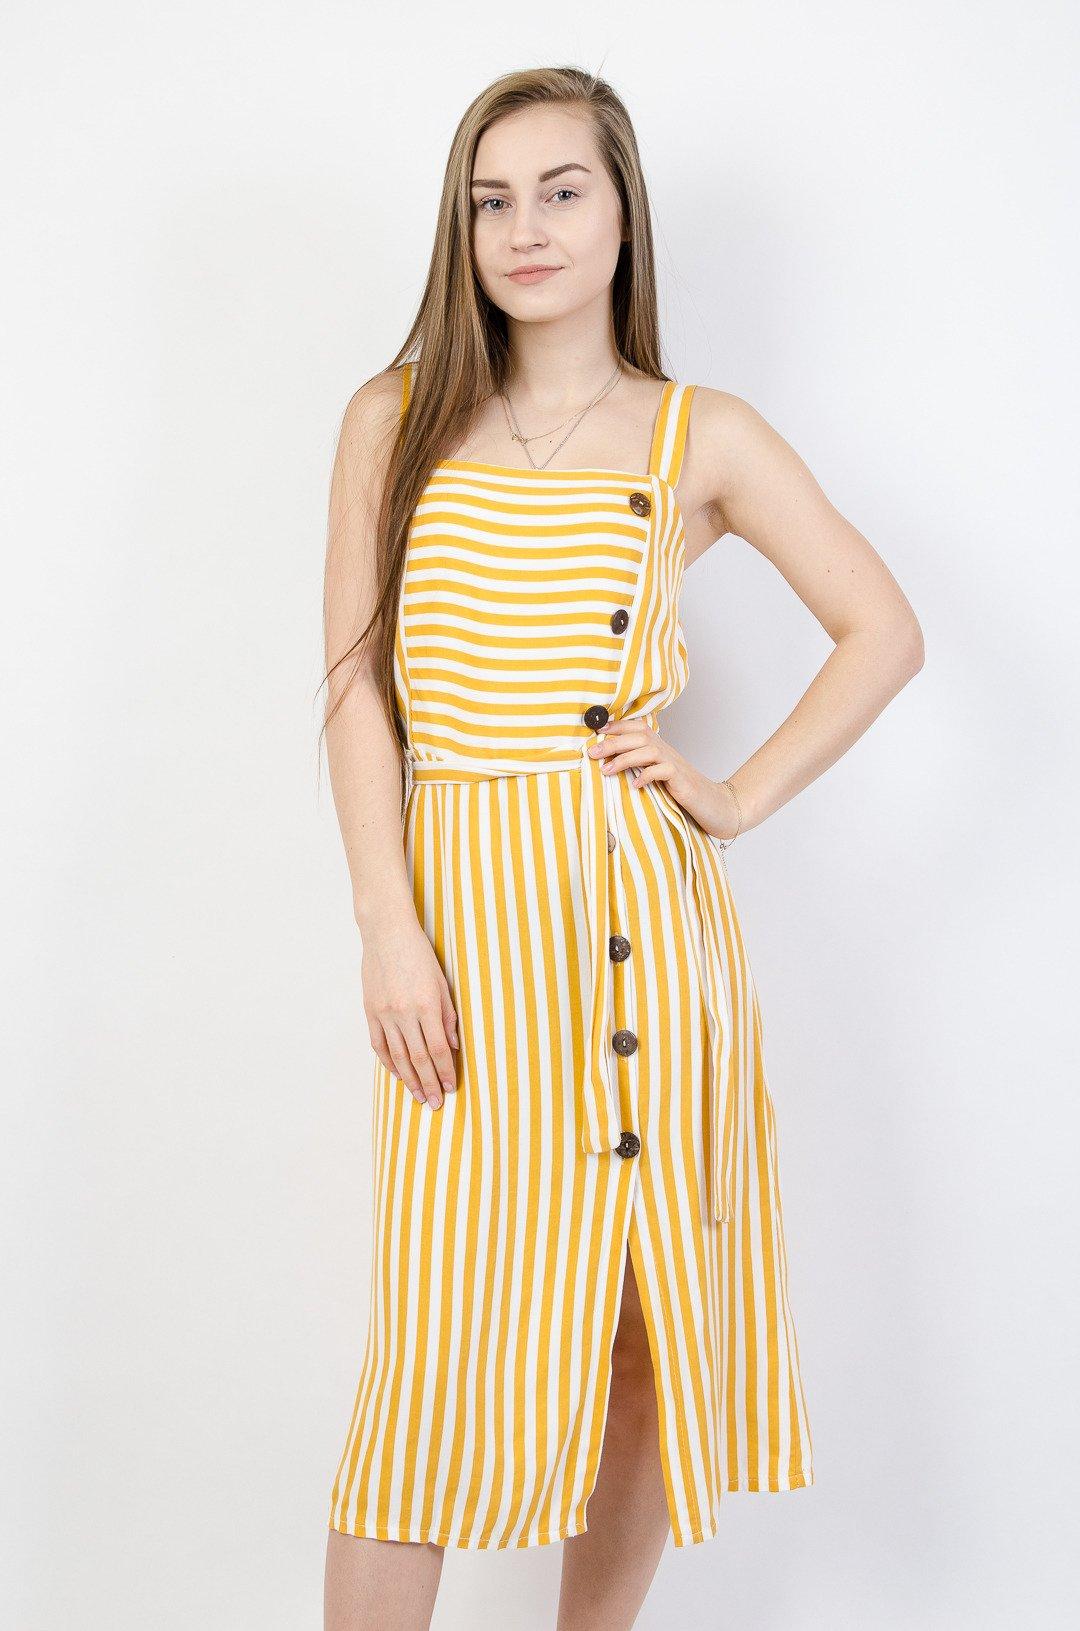 985d73dd23 Żółta sukienka w pasy na ramiączka na boku Żółty